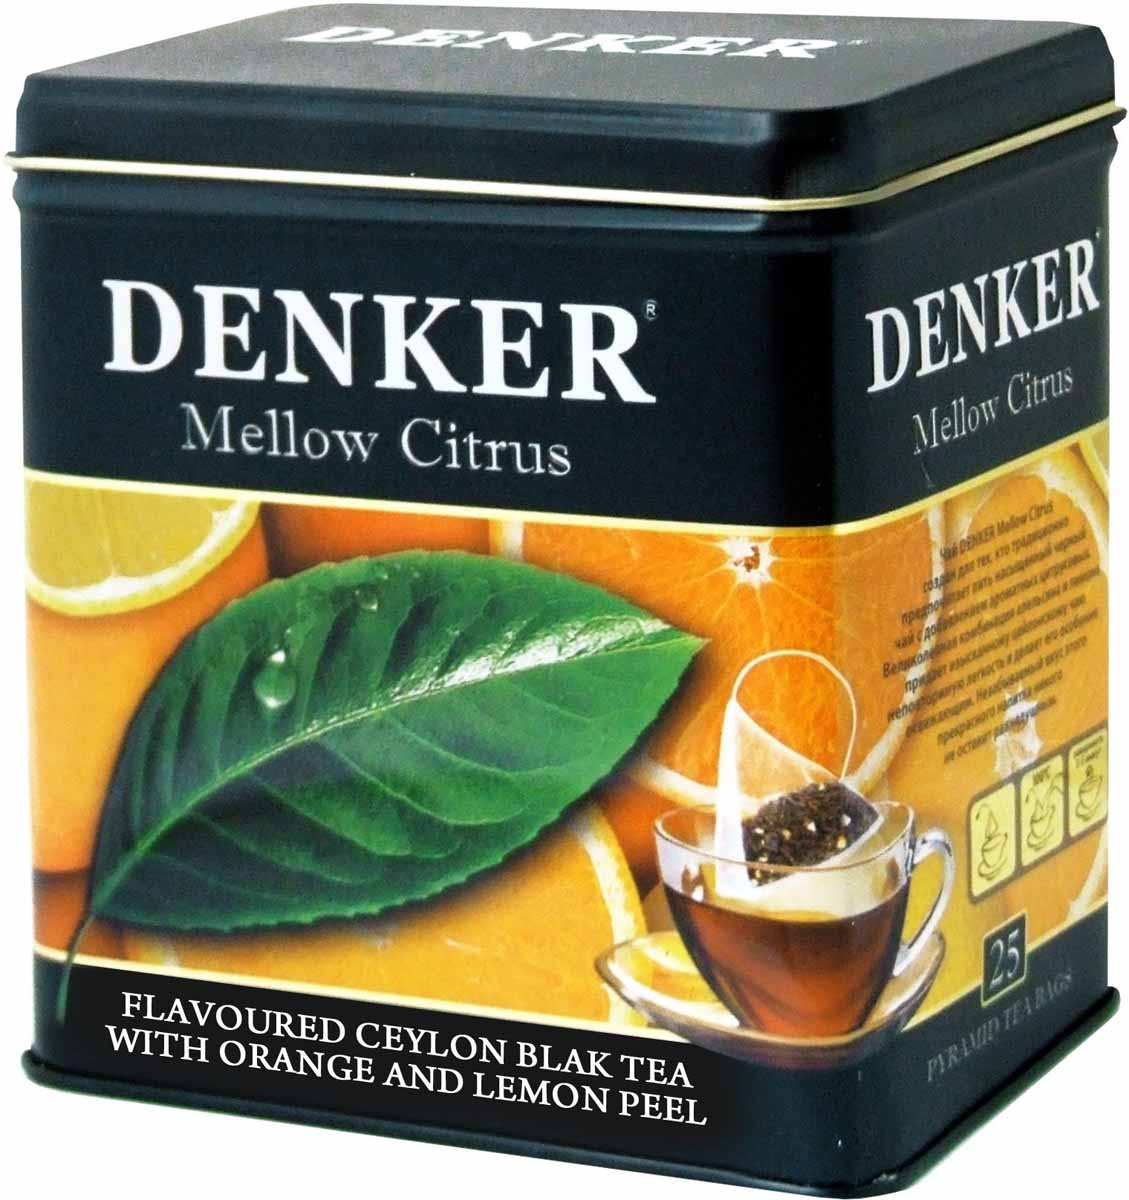 Denker Mellow Citrus черный чай в пирамидках, 25 шт1080076Чай Denker Mellow Citrus создан для тех, кто традиционно предпочитает пить насыщенный черный чай с добавлением ароматных цитрусовых. Великолепная комбинация апельсина и лимона придает этому изысканному цейлонскому чаю неповторимую легкость и делает его особенно освежающим. Незабываемый вкус этого прекрасного напитка никого не оставит равнодушным.Всё о чае: сорта, факты, советы по выбору и употреблению. Статья OZON Гид